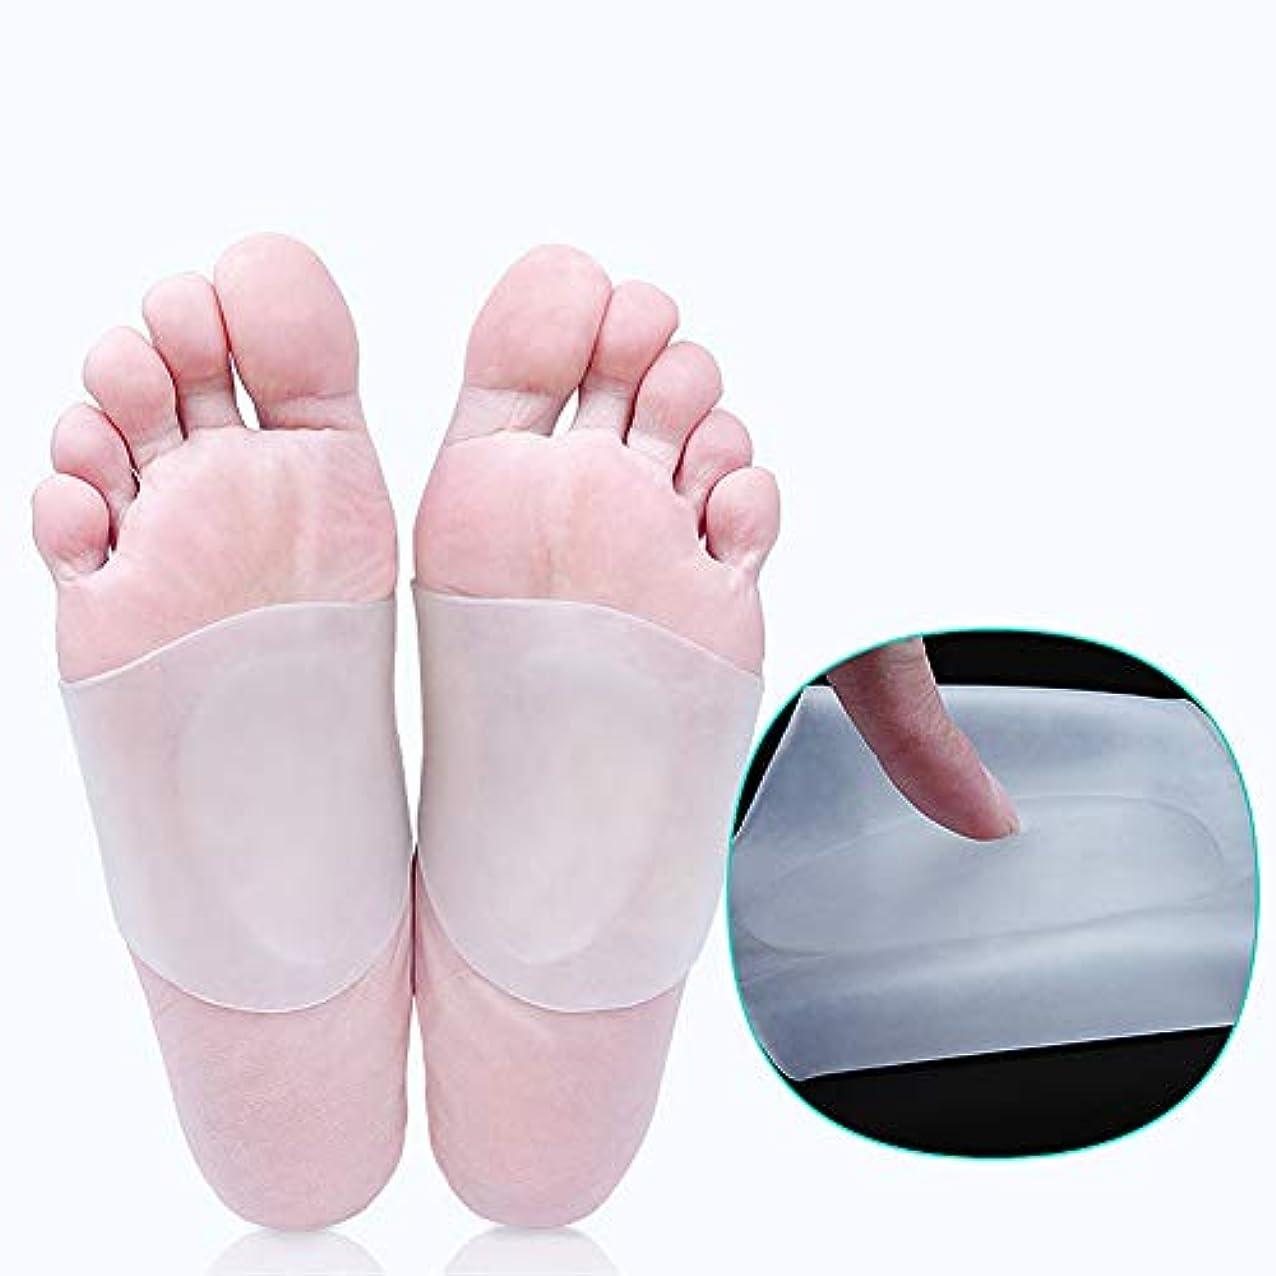 アーチ型サポートシューインサートフットパッド、足底筋膜炎インサートフラットフットパッド、ハイまたはローアーチジェルパッドインソール、フットアーチとかかとの痛みを緩和 (S)